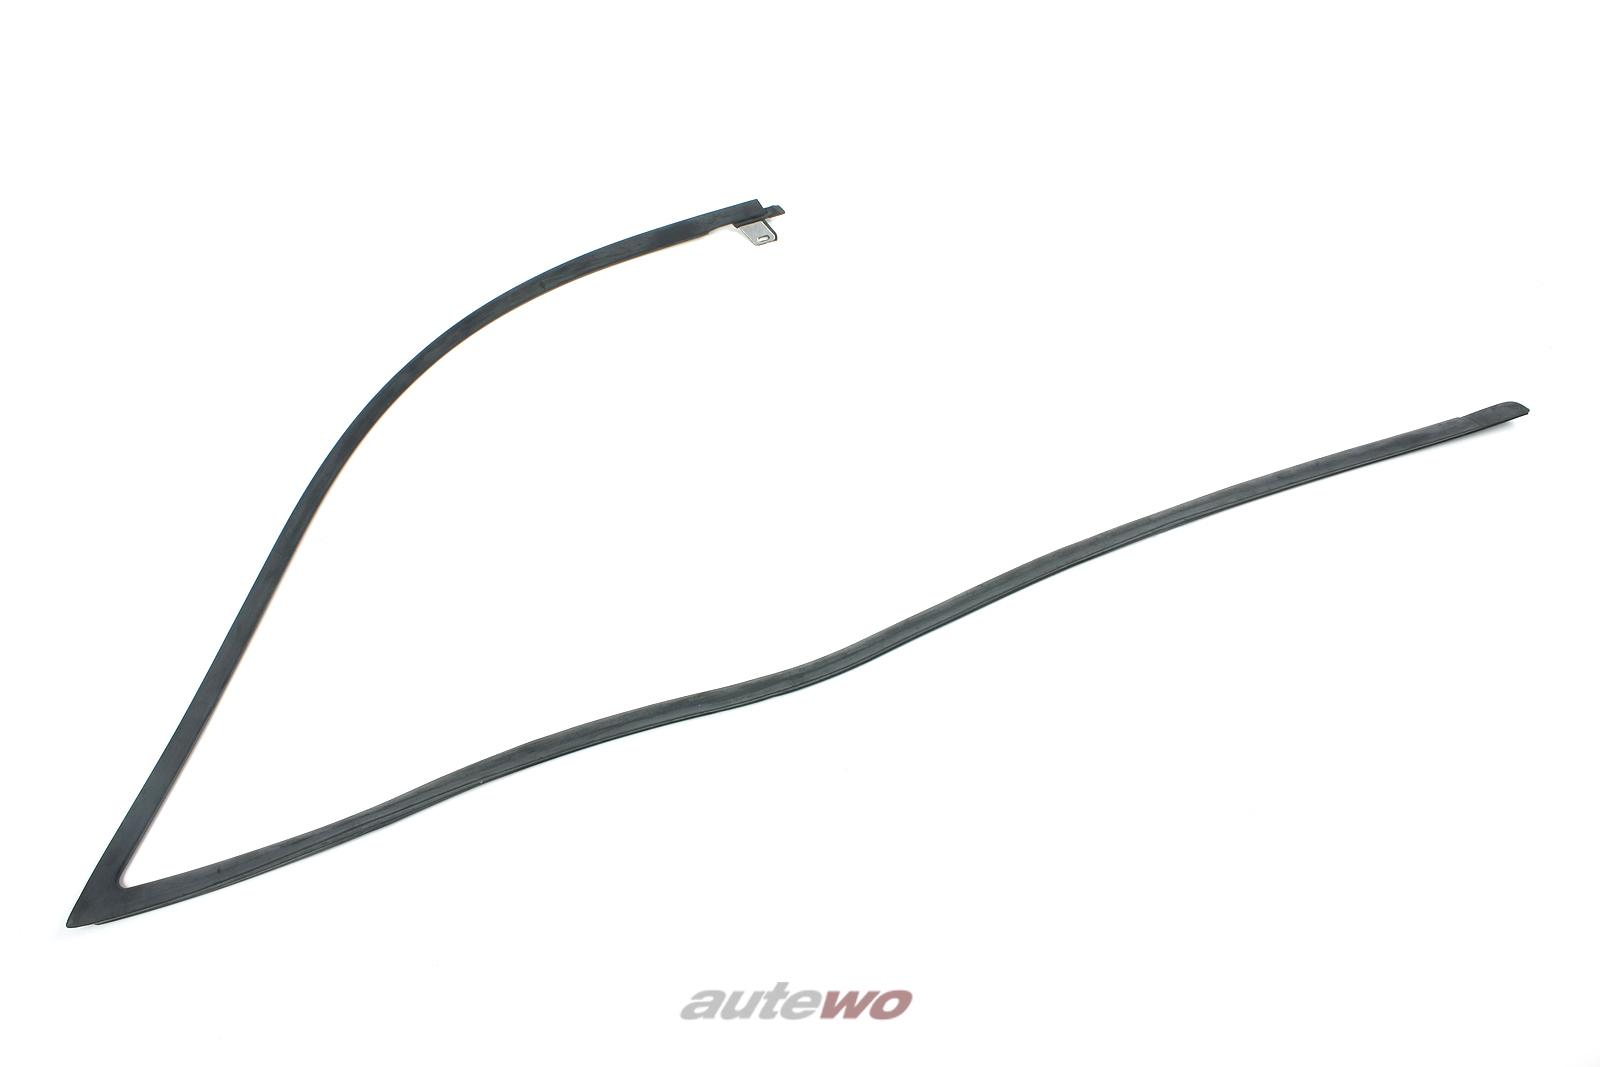 8A9845321B NEU Audi 80 B4/S2/RS2 Avant Dichtung Seitenscheibe Hinten Links